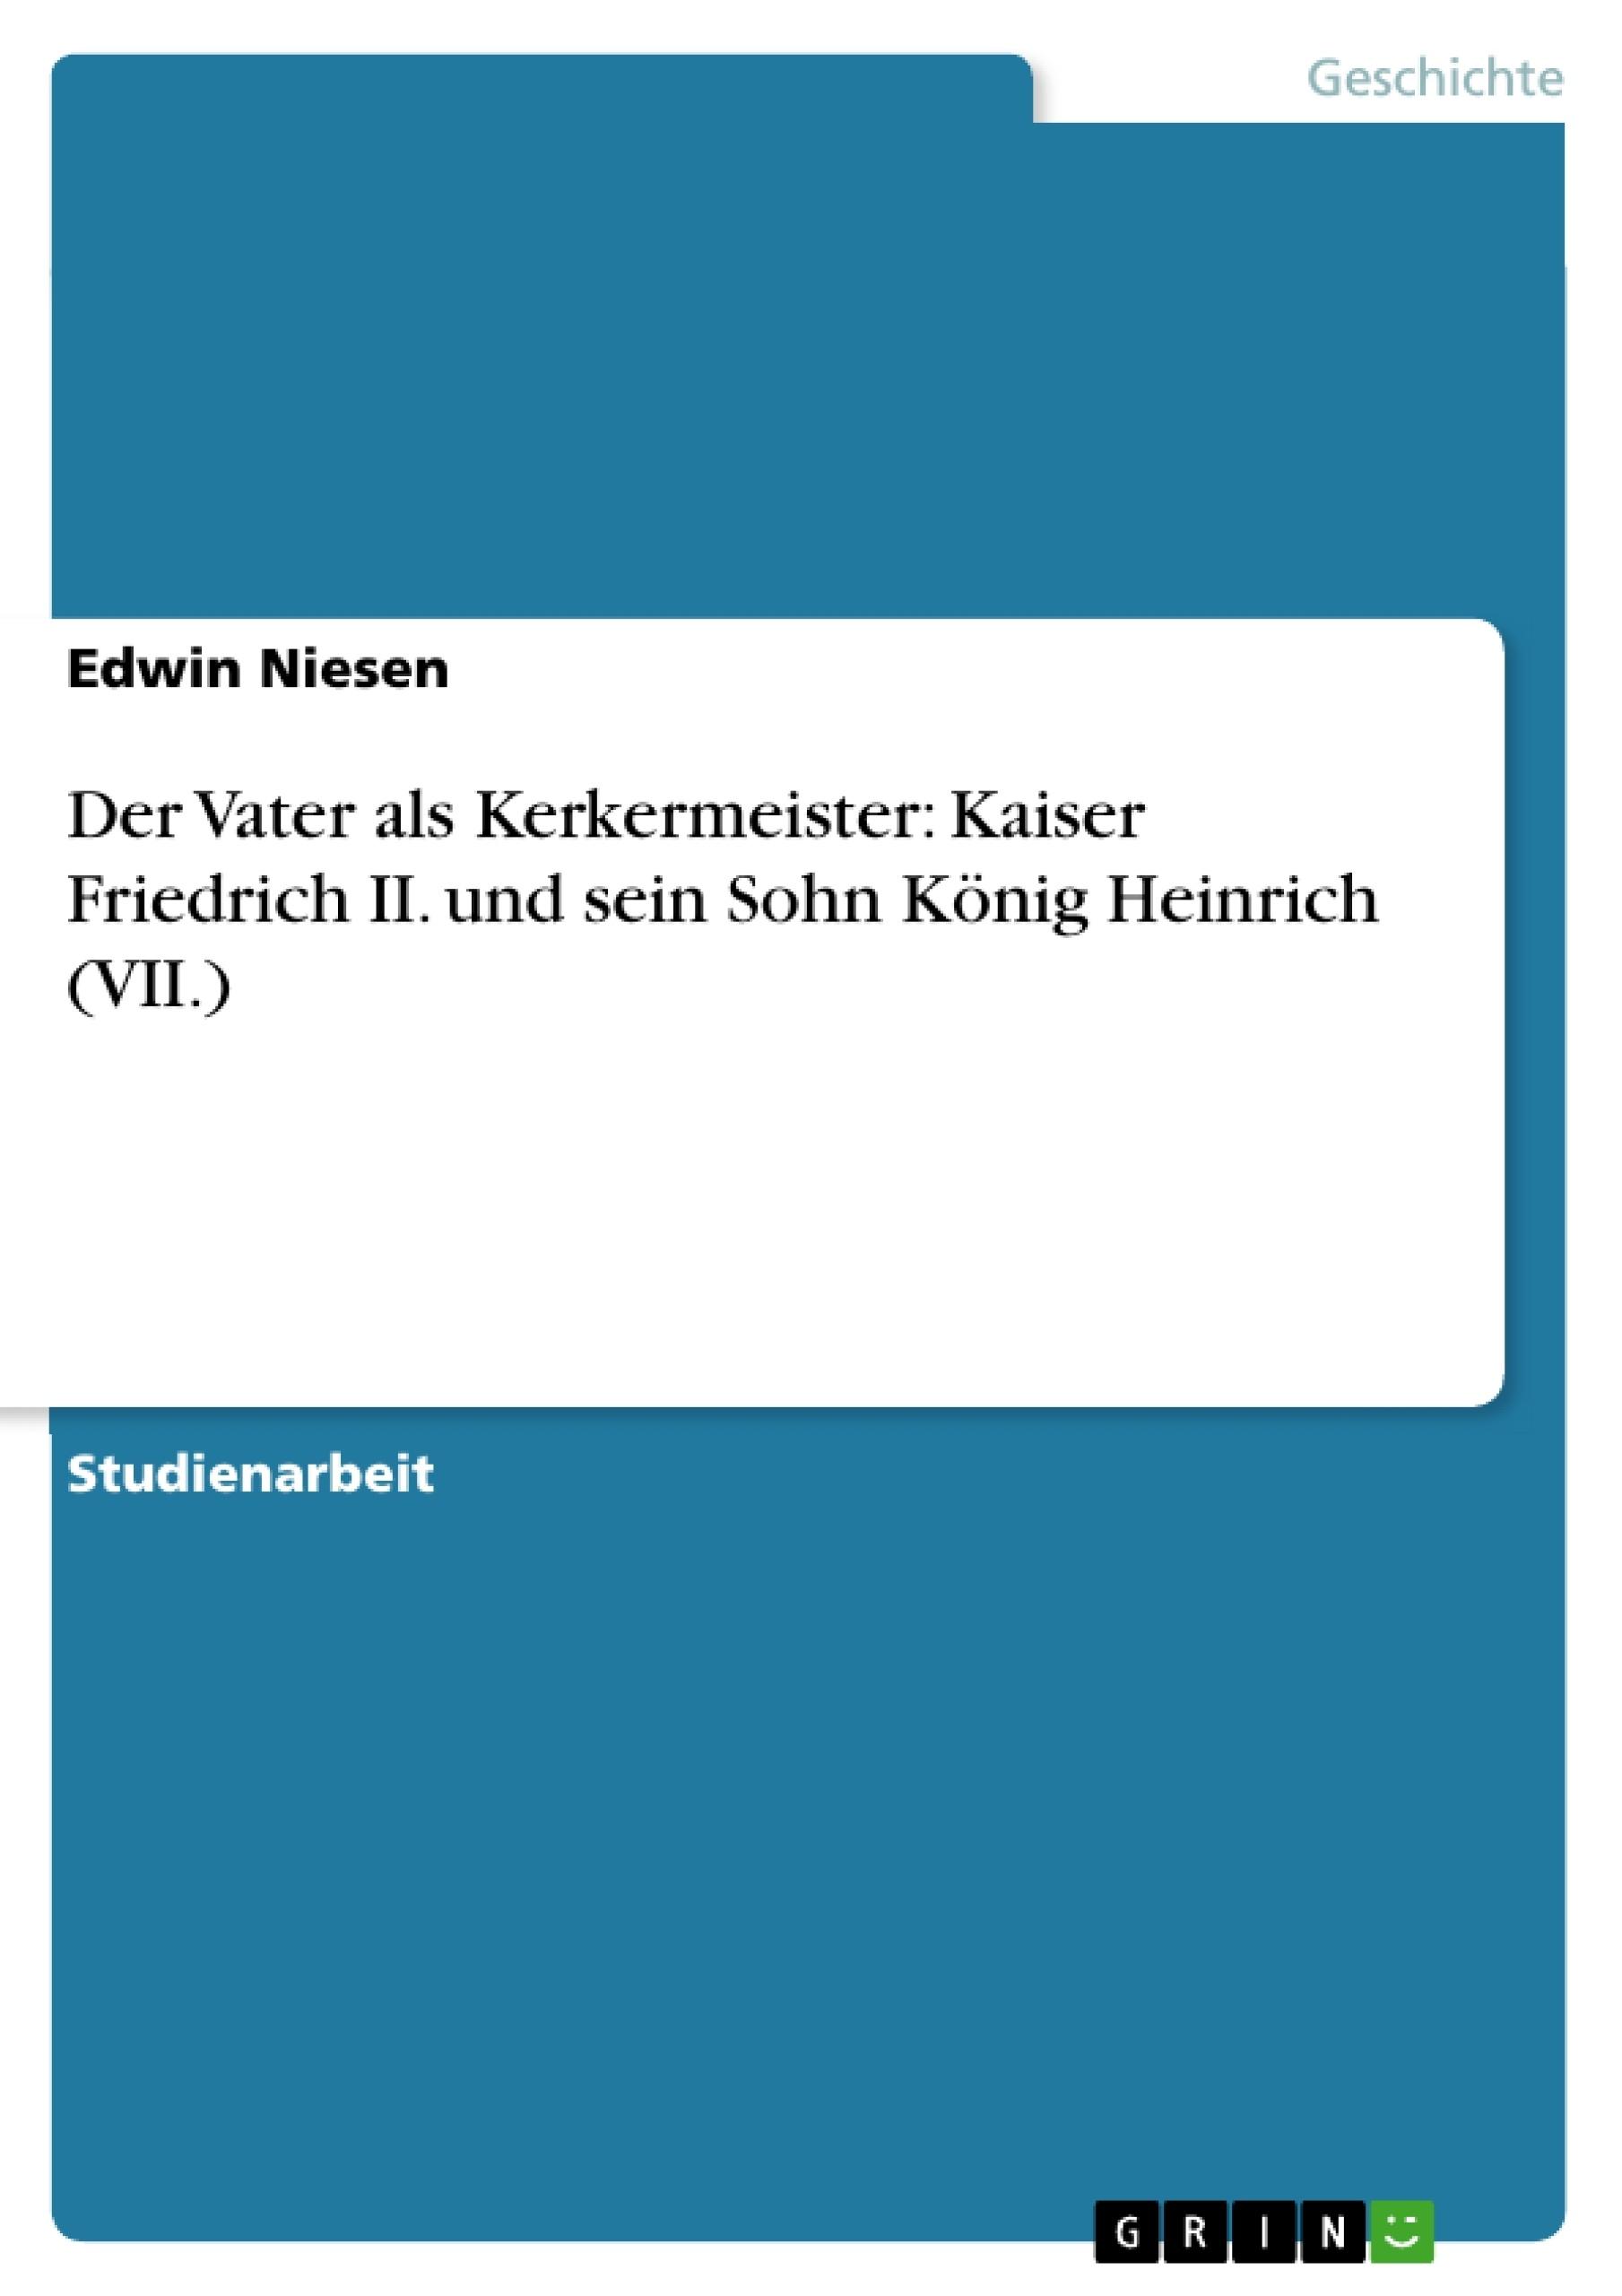 Titel: Der Vater als Kerkermeister: Kaiser Friedrich II. und sein Sohn König Heinrich (VII.)